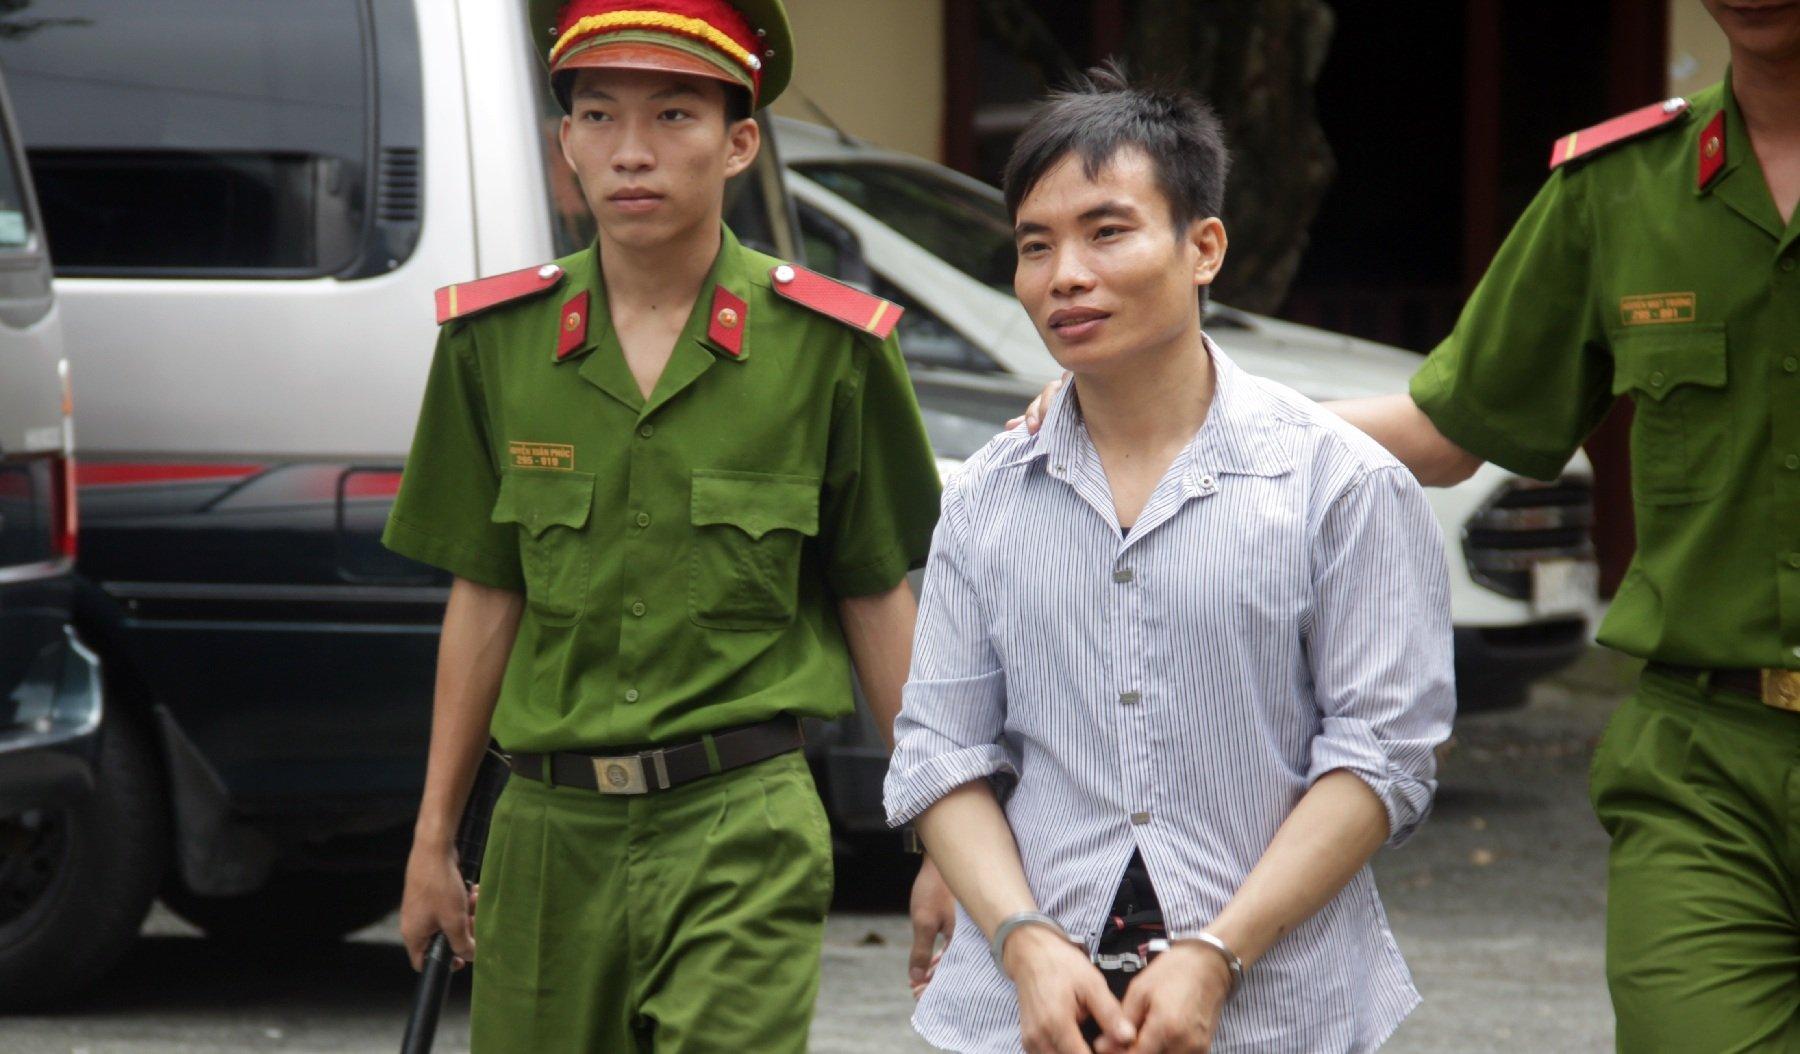 Hình ảnh Vận chuyển 2,4kg ma túy, nam thanh niên quốc tịch Lào vẫn thoát án tử số 1